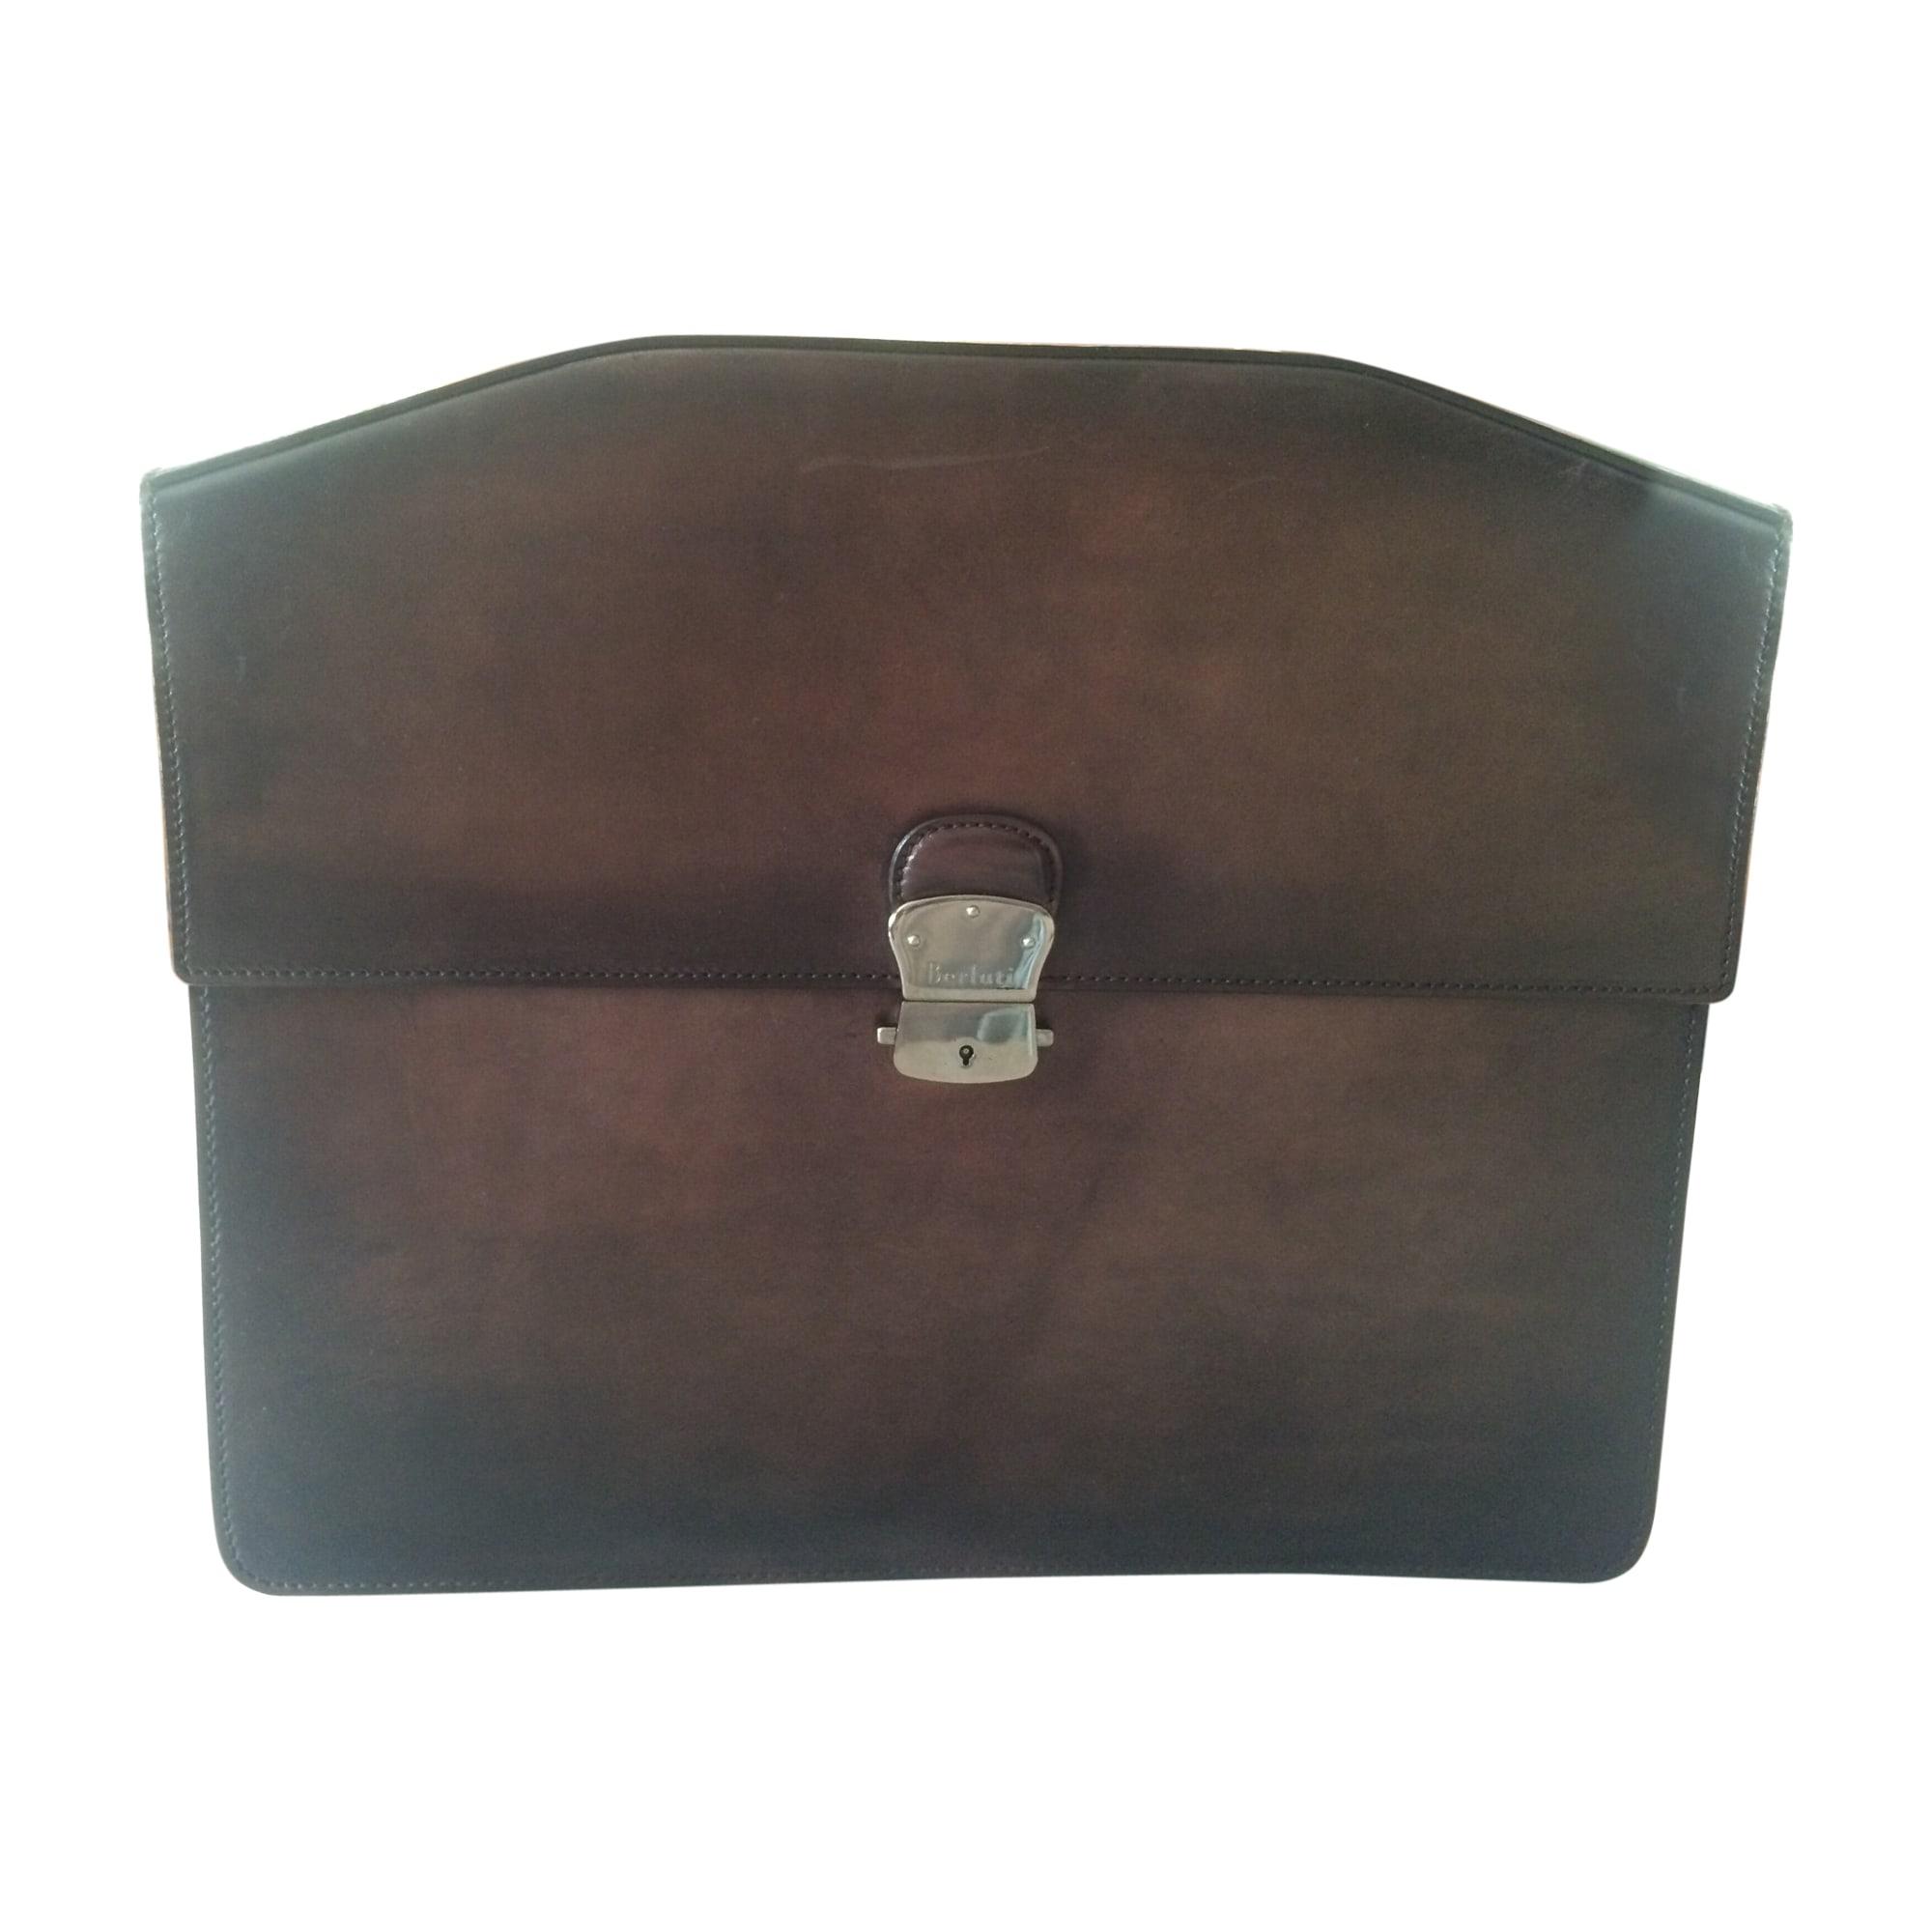 Porte document, serviette BERLUTI cuir marron